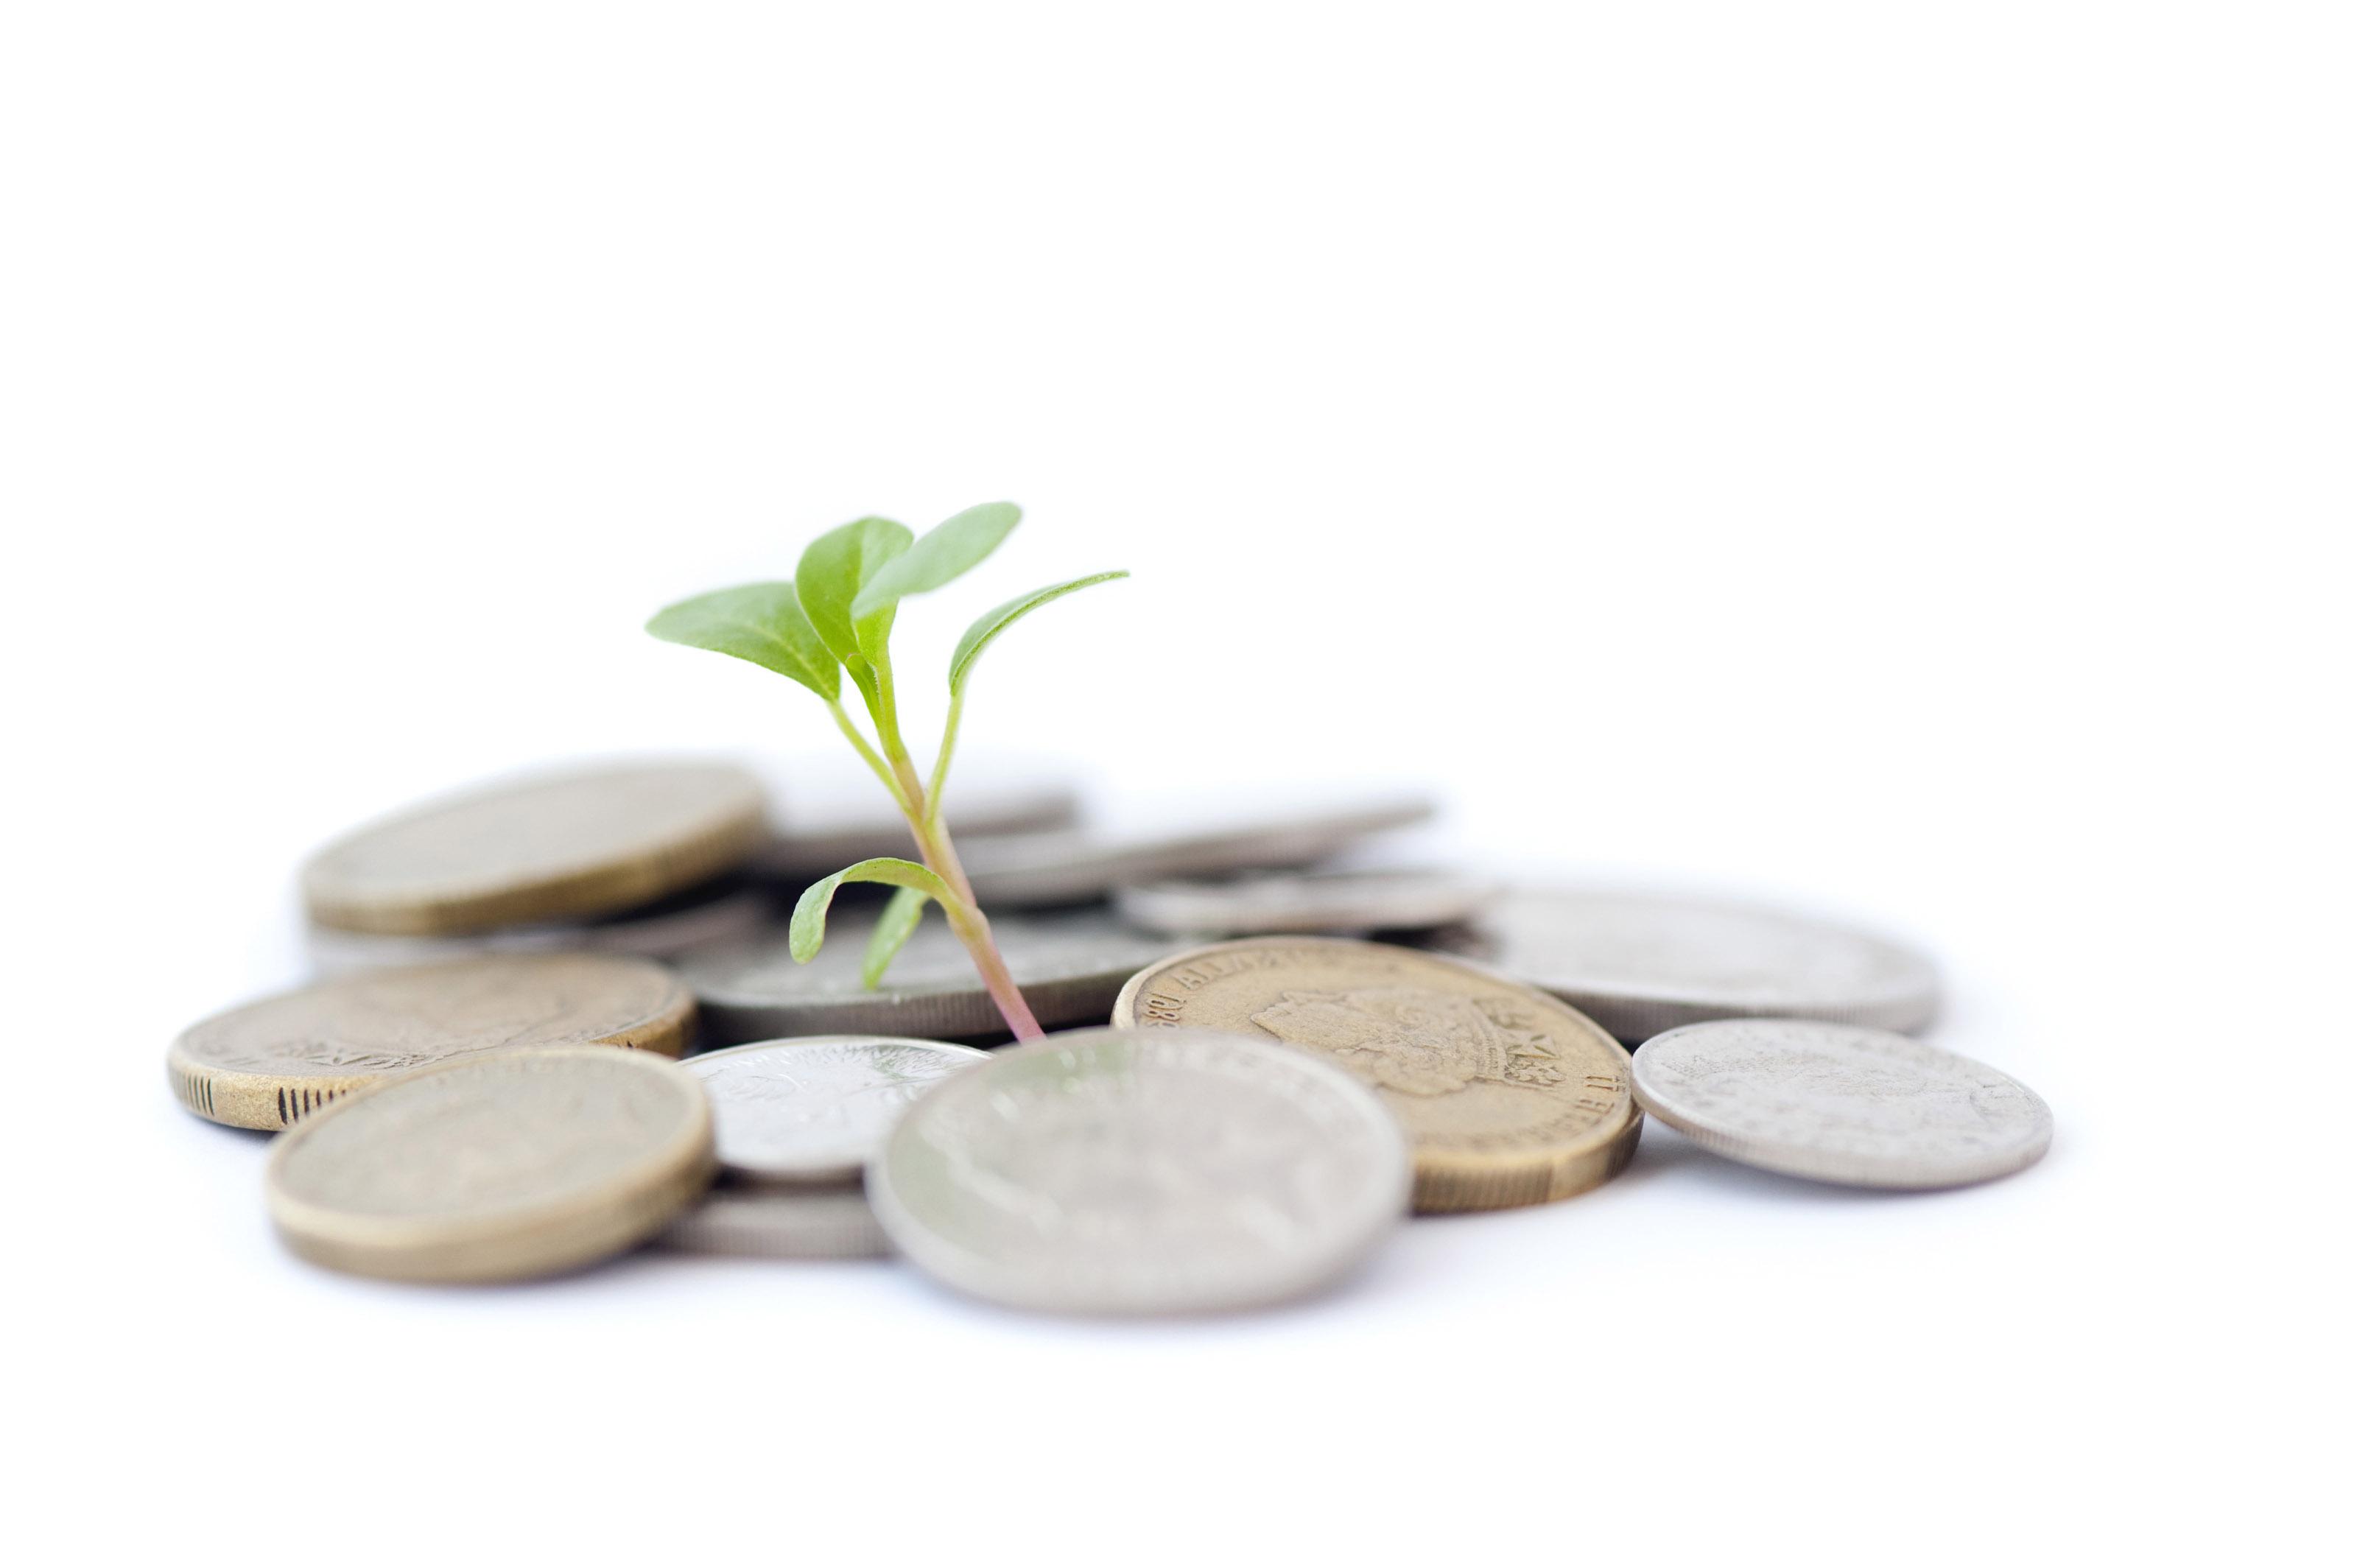 Kolejny rok to początek intensywnych inwestycji małych i średnich firm